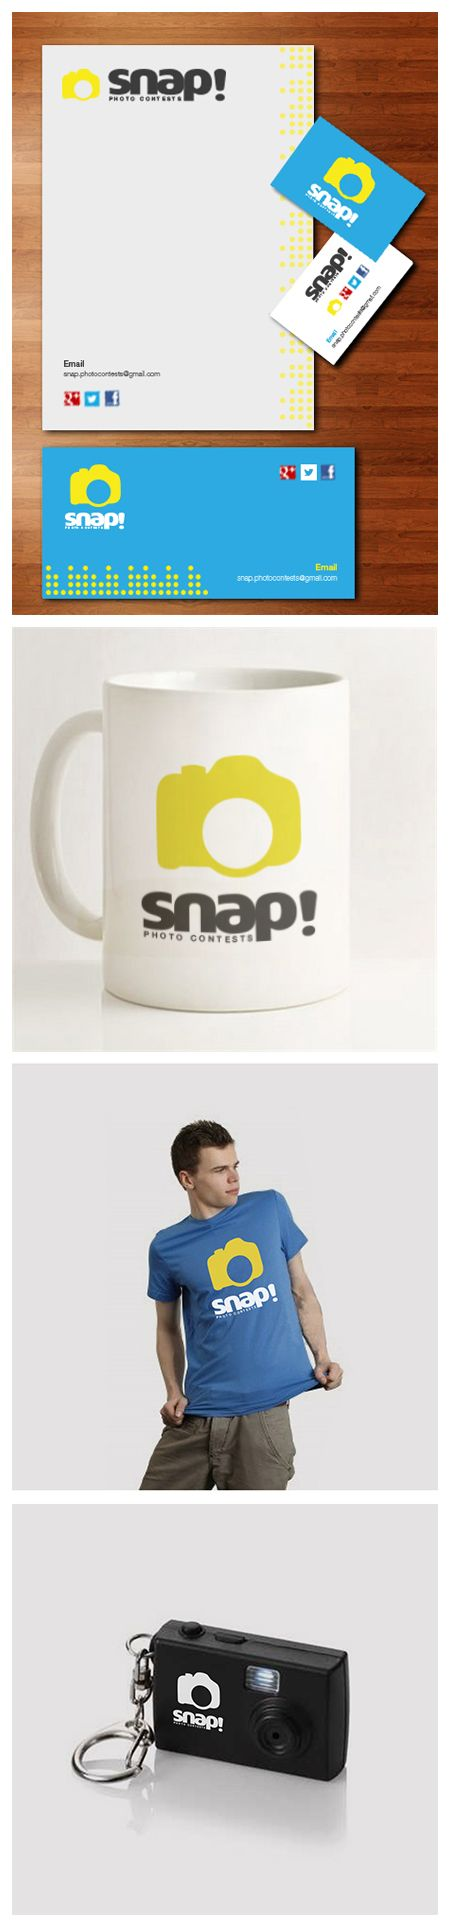 Oggettistica Snap Photo Contest